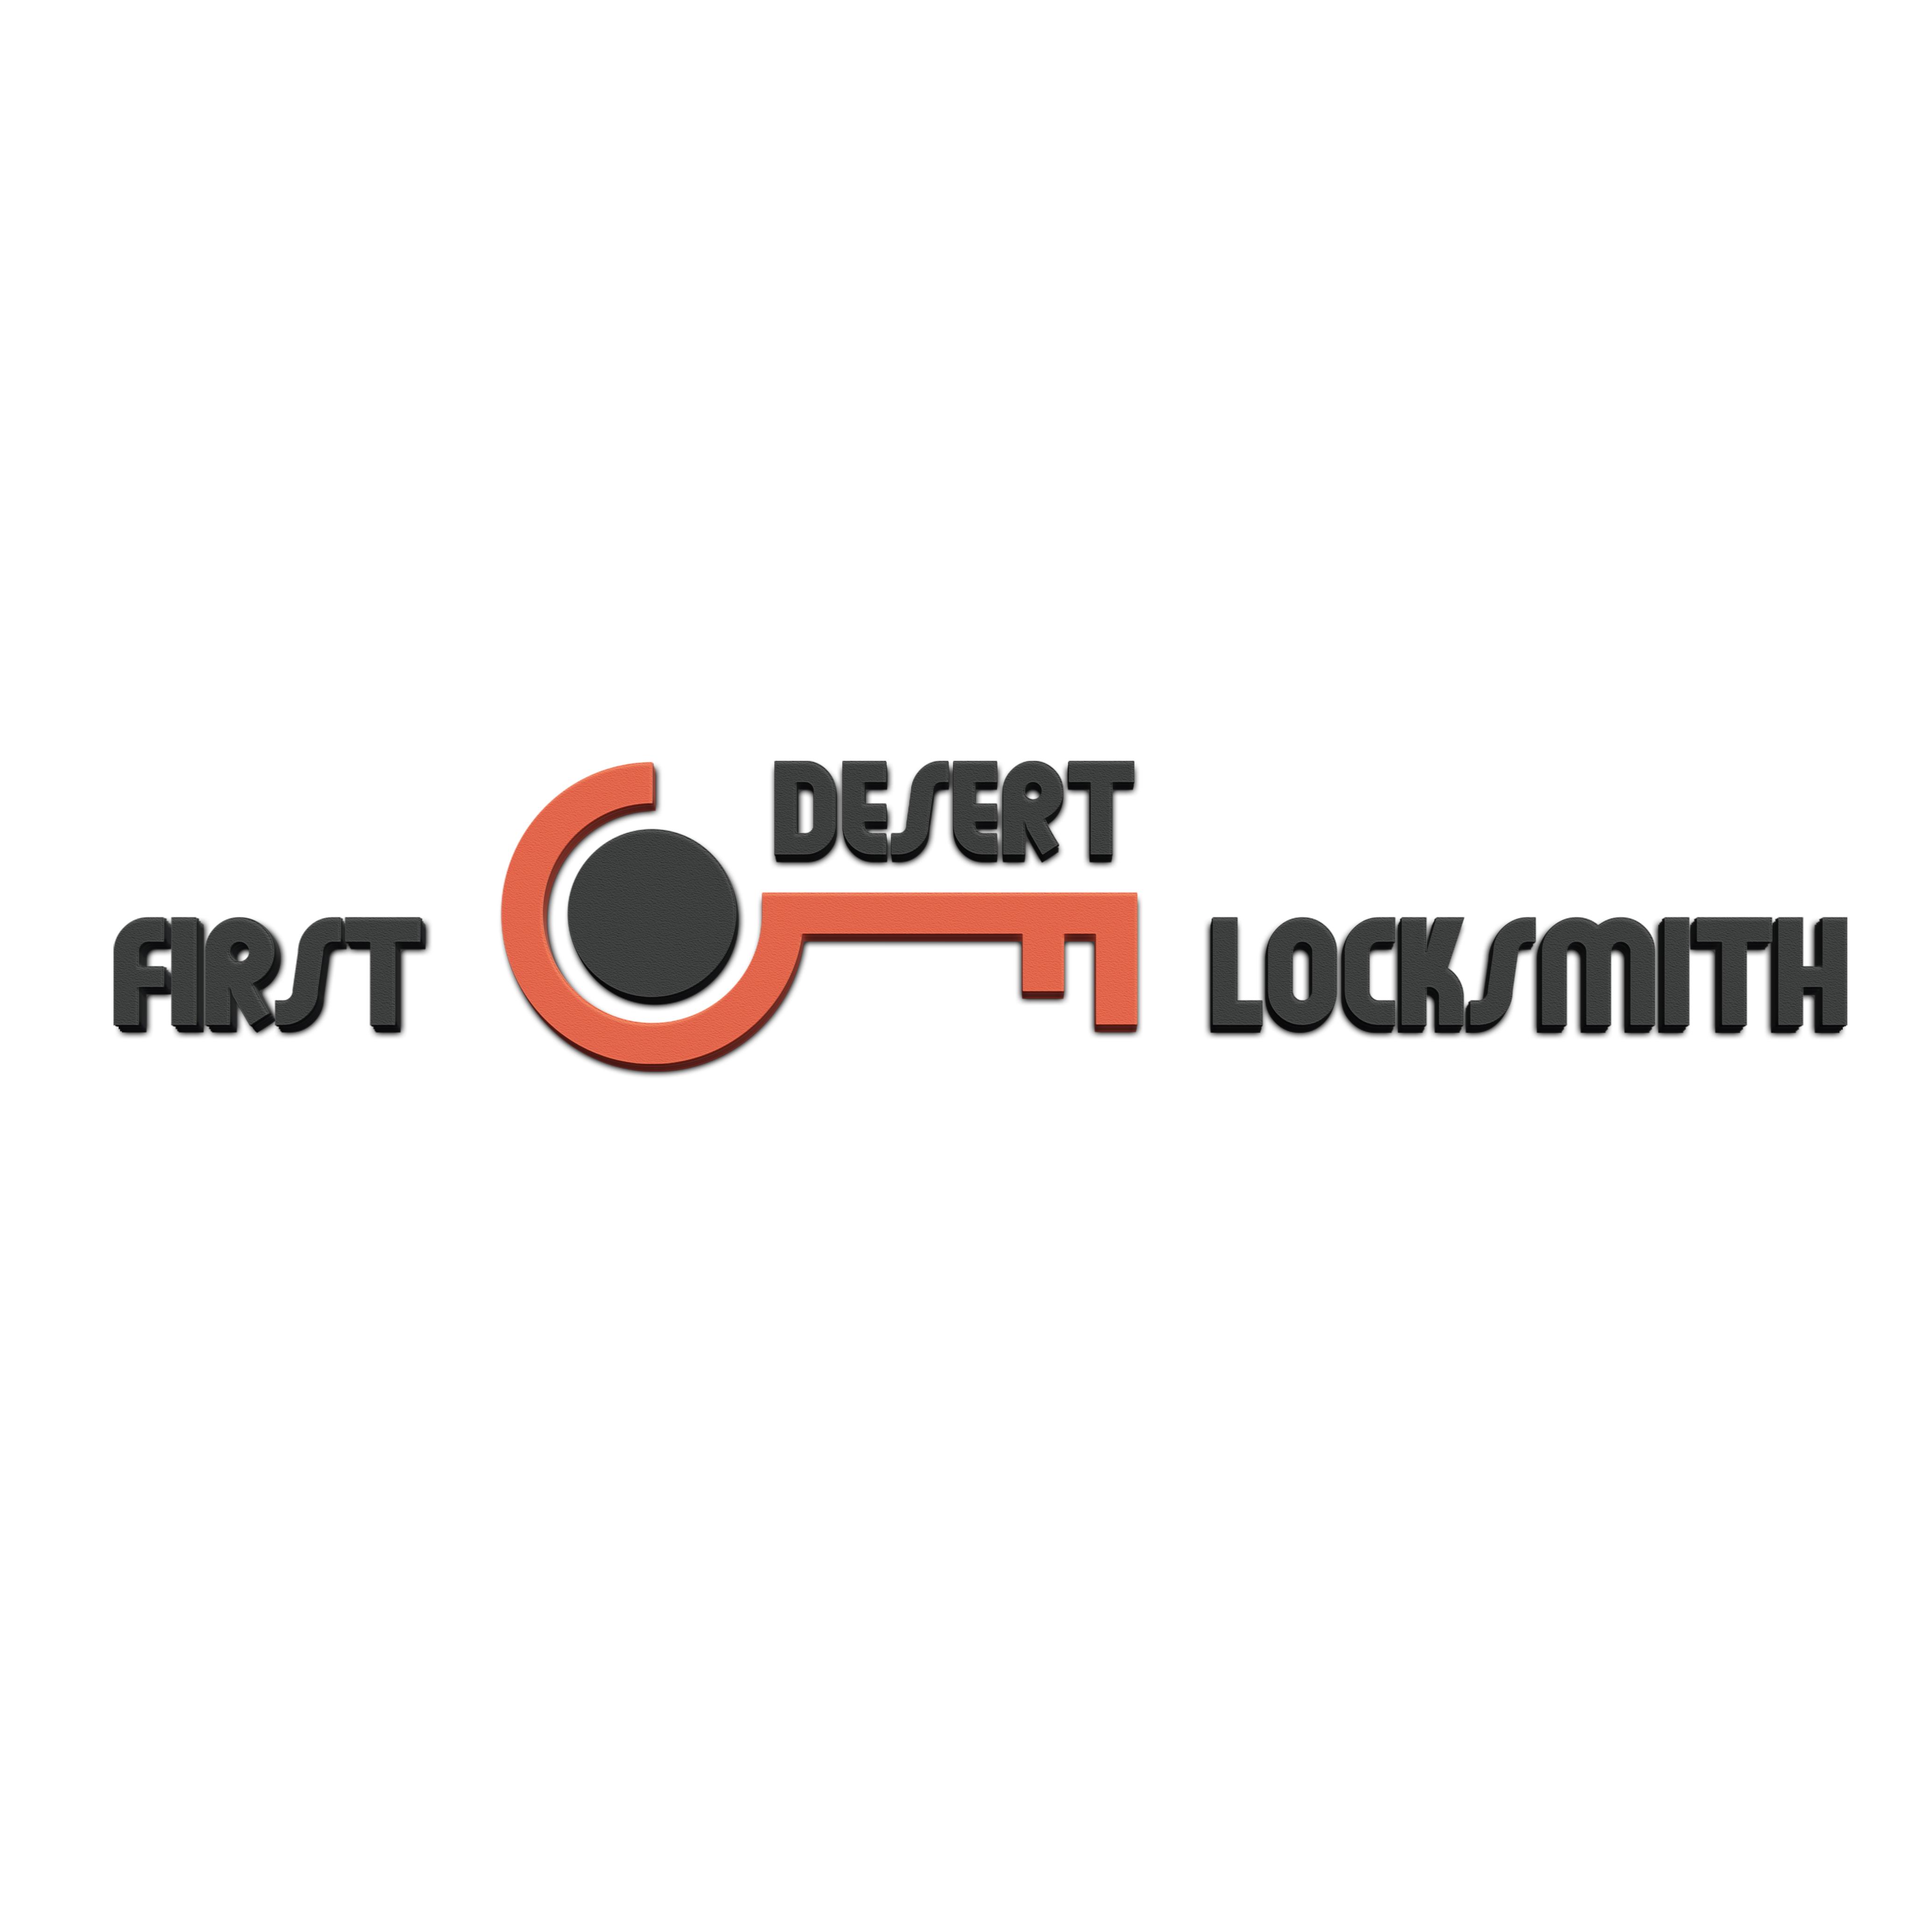 First desert locksmith